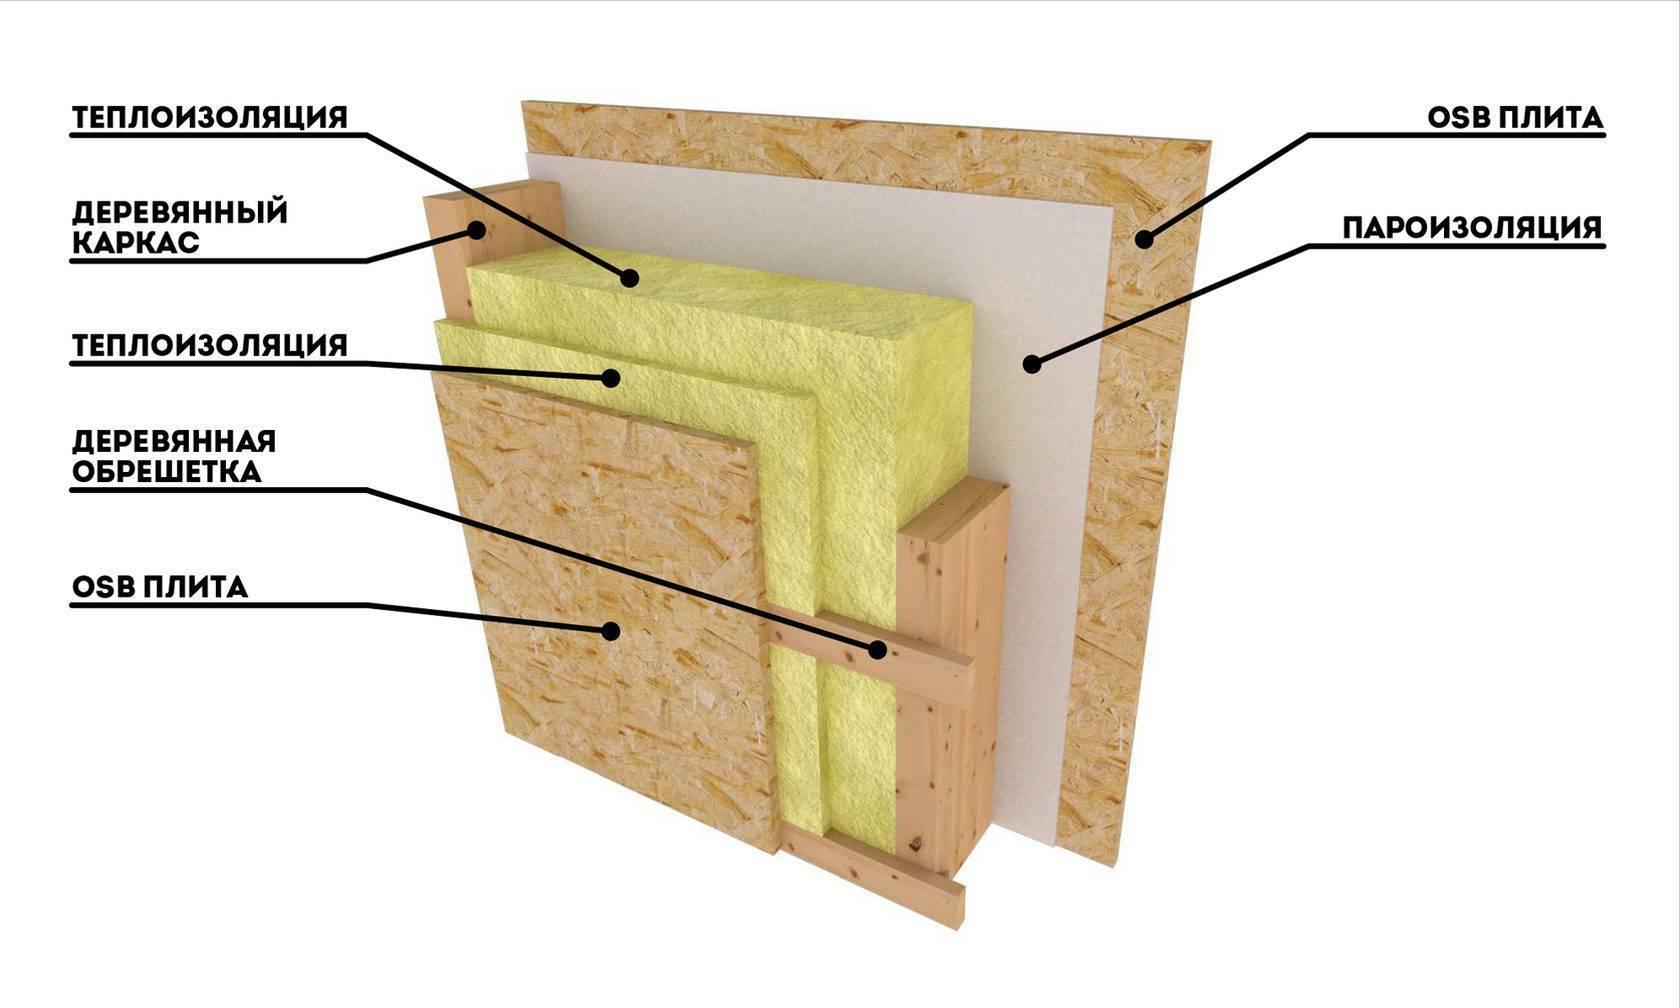 Нужна ли пароизоляция при утеплении минватой пола в квартире - строим сами